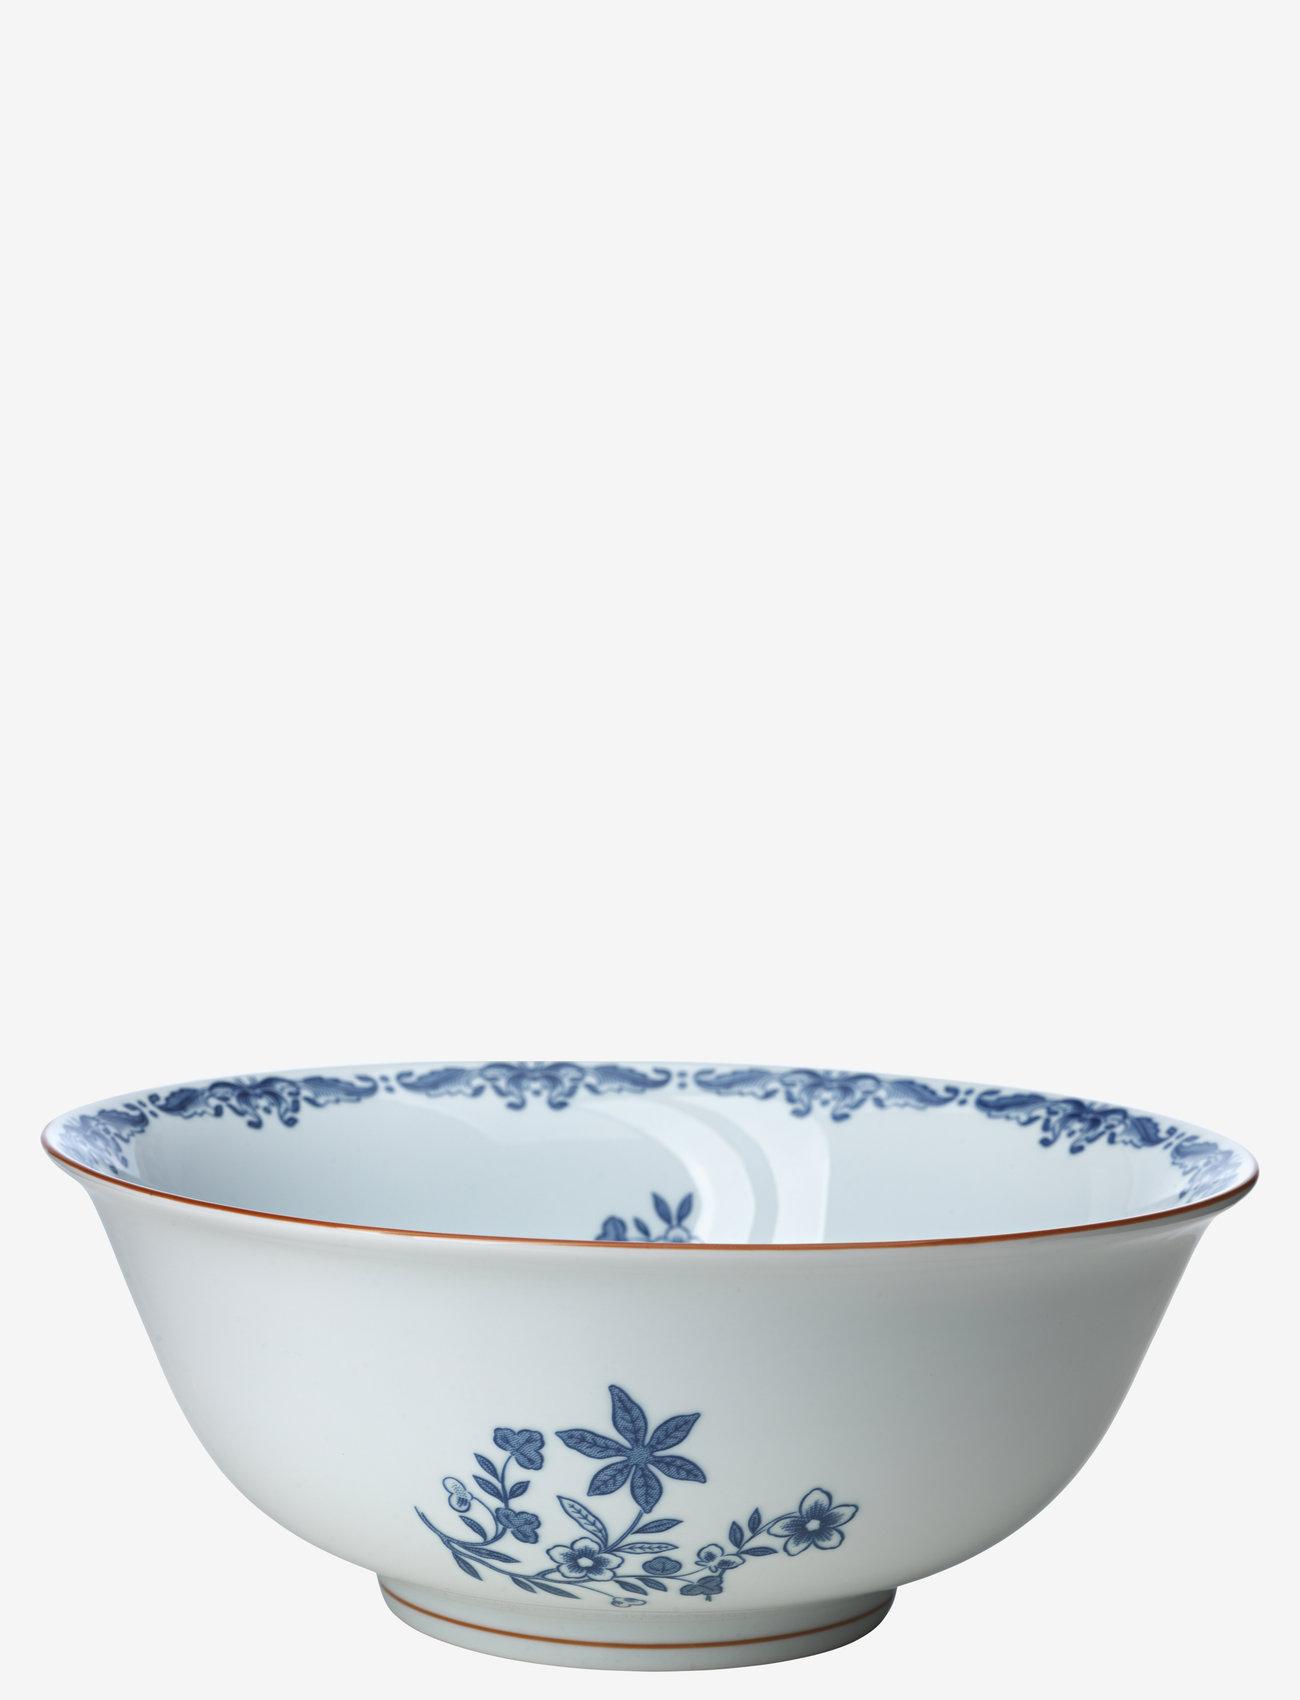 Rörstrand - Ostindia salad bowl 2,4L - white - 0